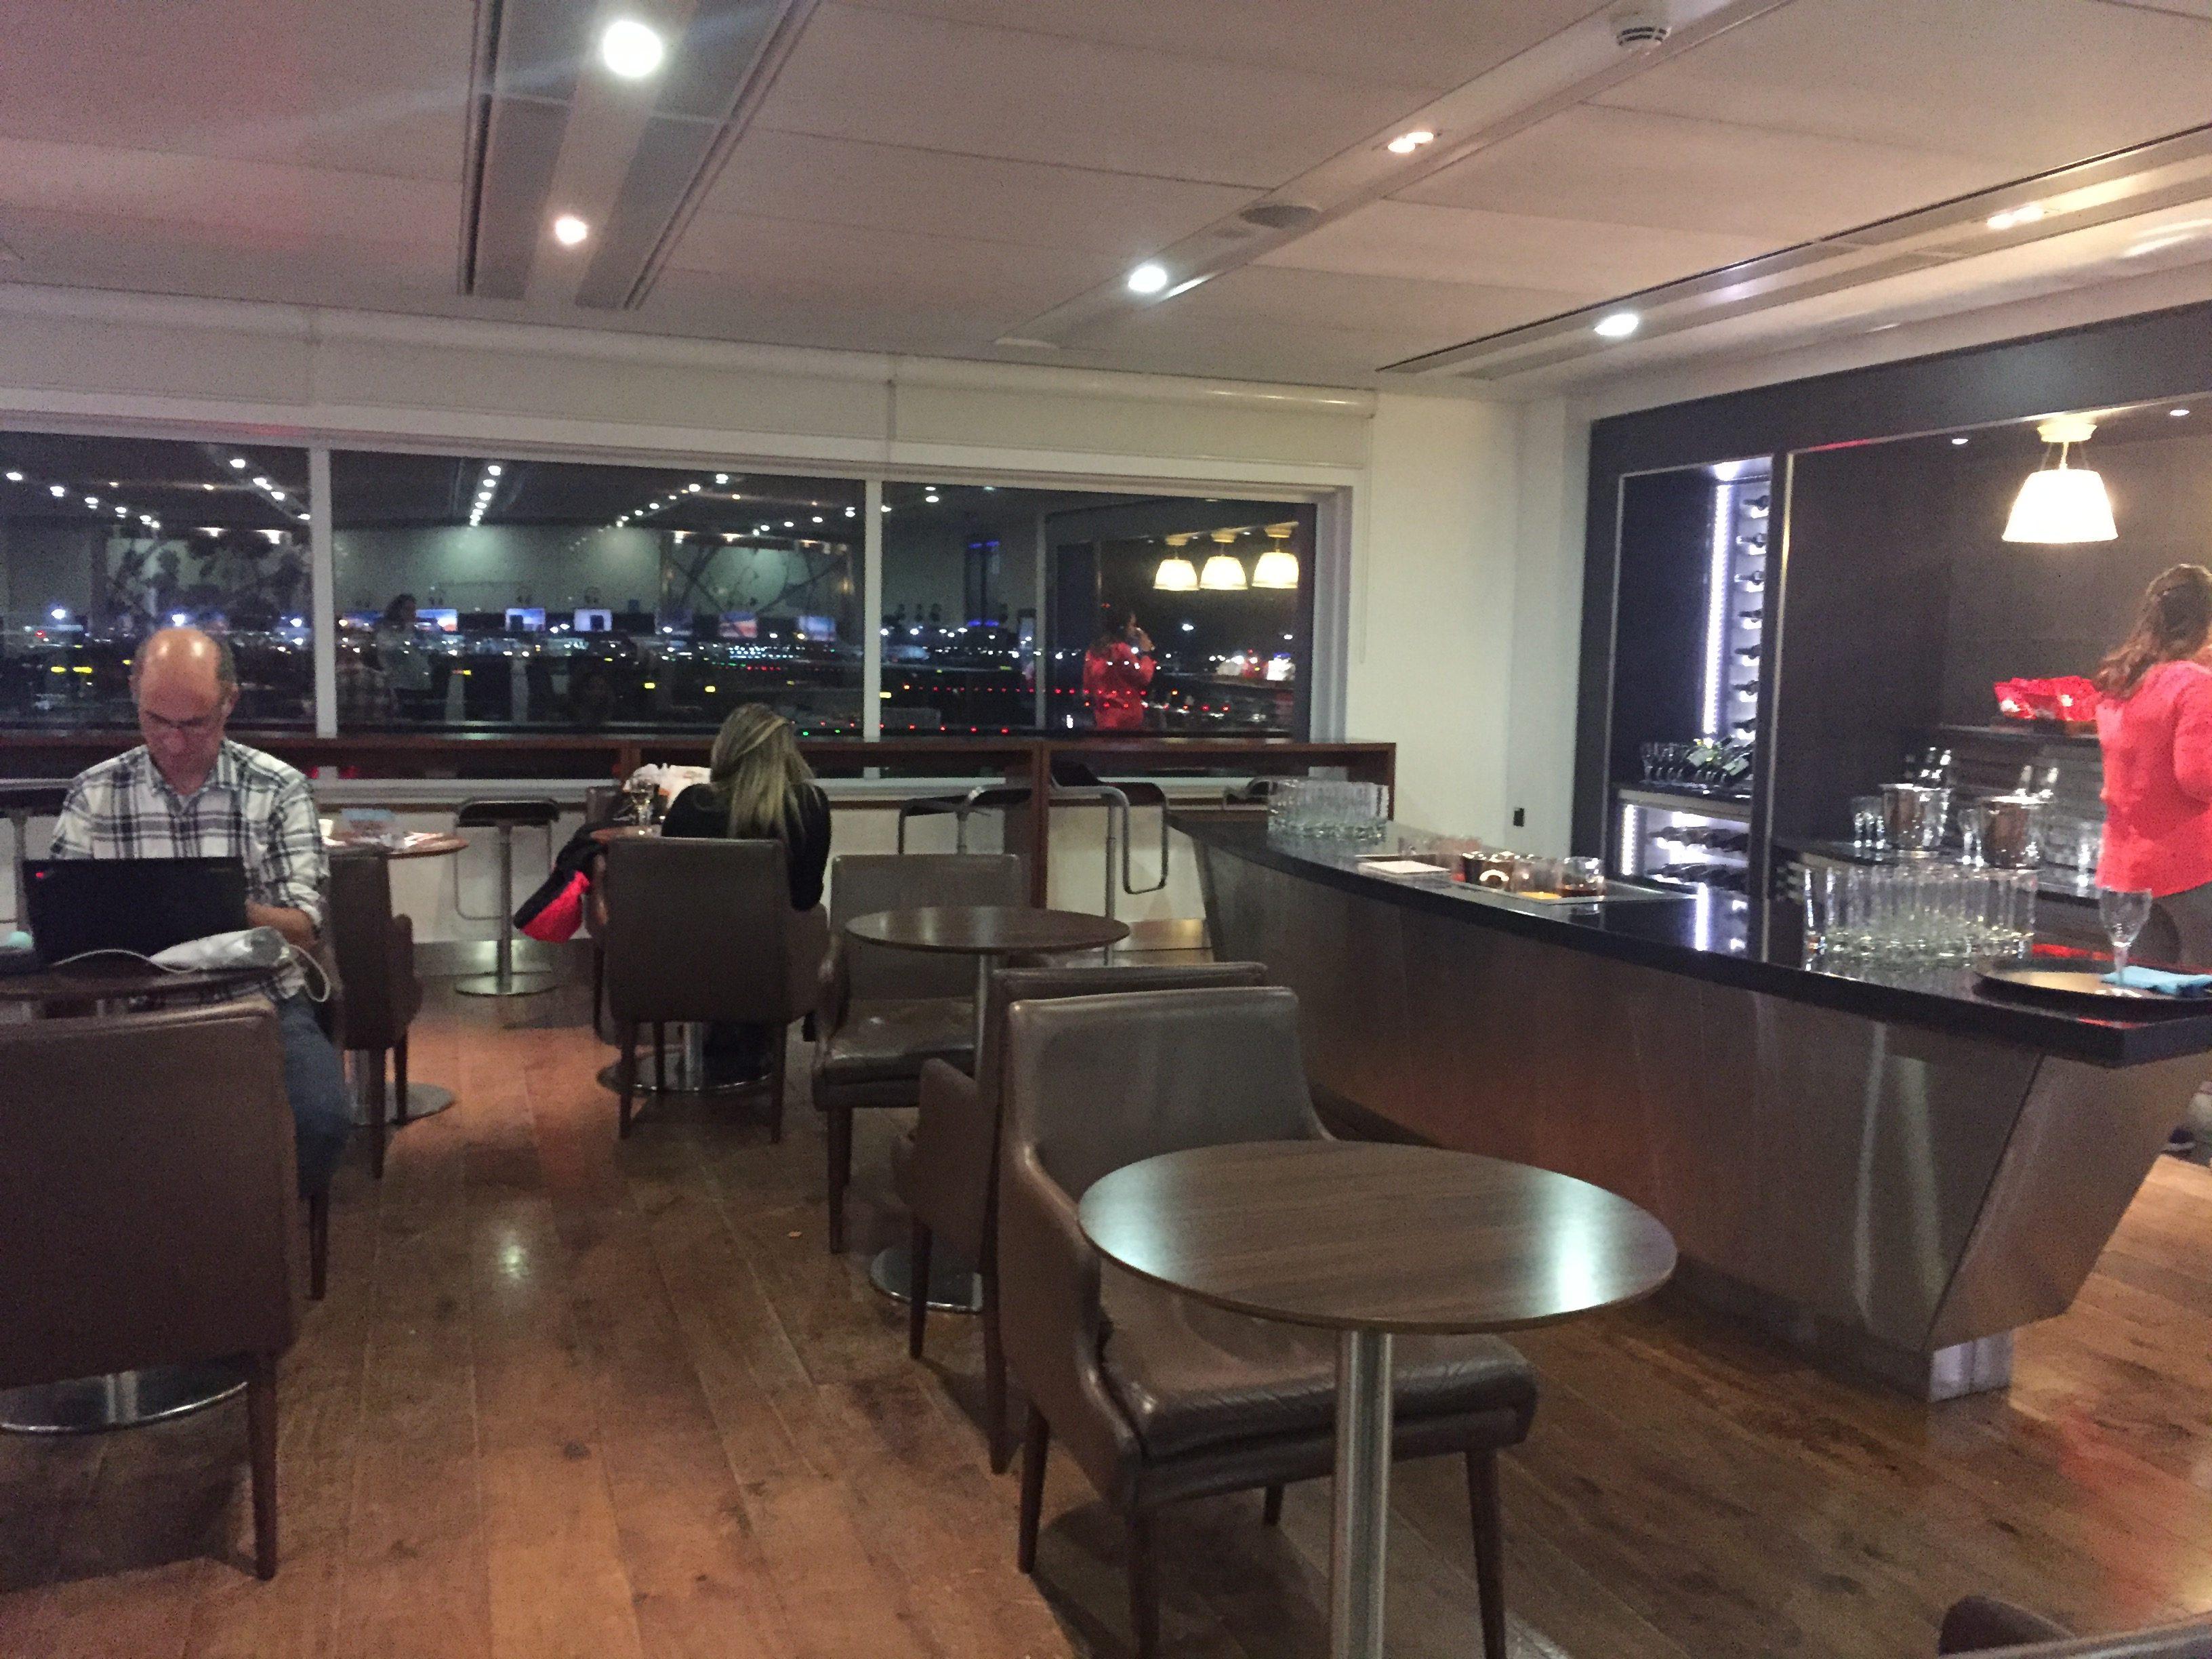 IMG 3211 e1520812941815 - El Salón VIP de British Airways en el aeropuerto de Londres Heathrow